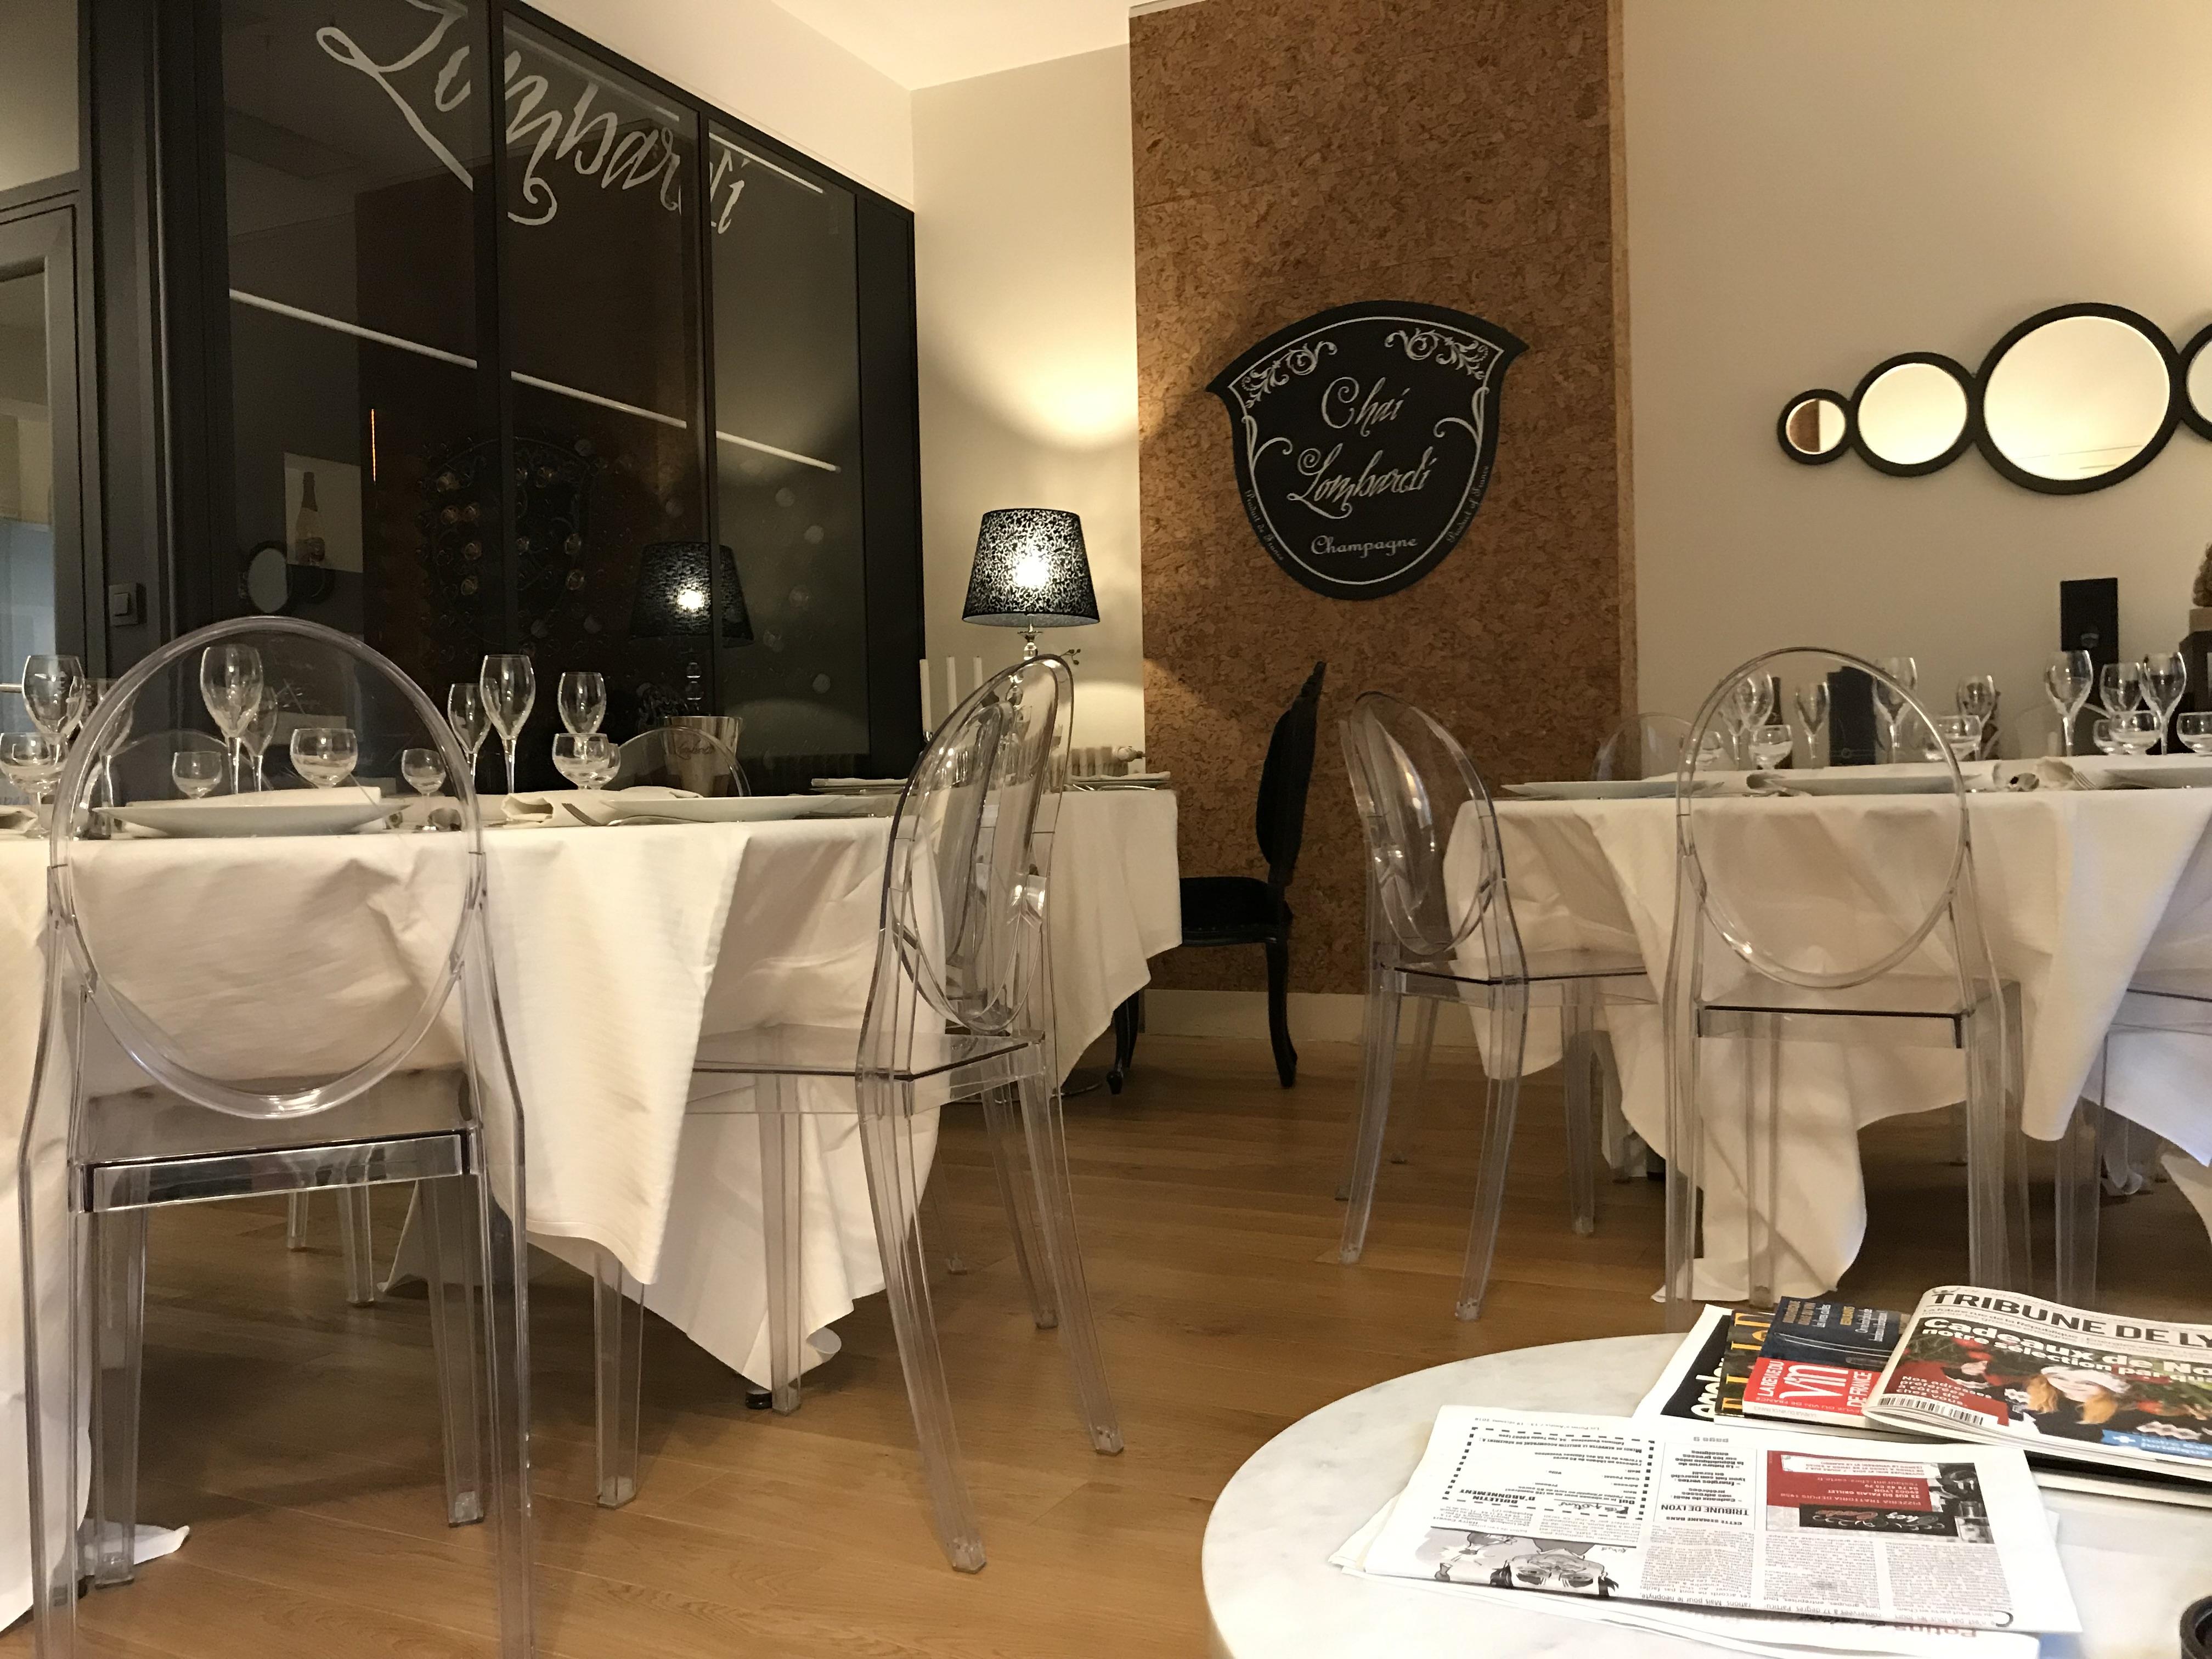 Achat Espace Atypique Lyon le chai à lyon - champagne lombardi